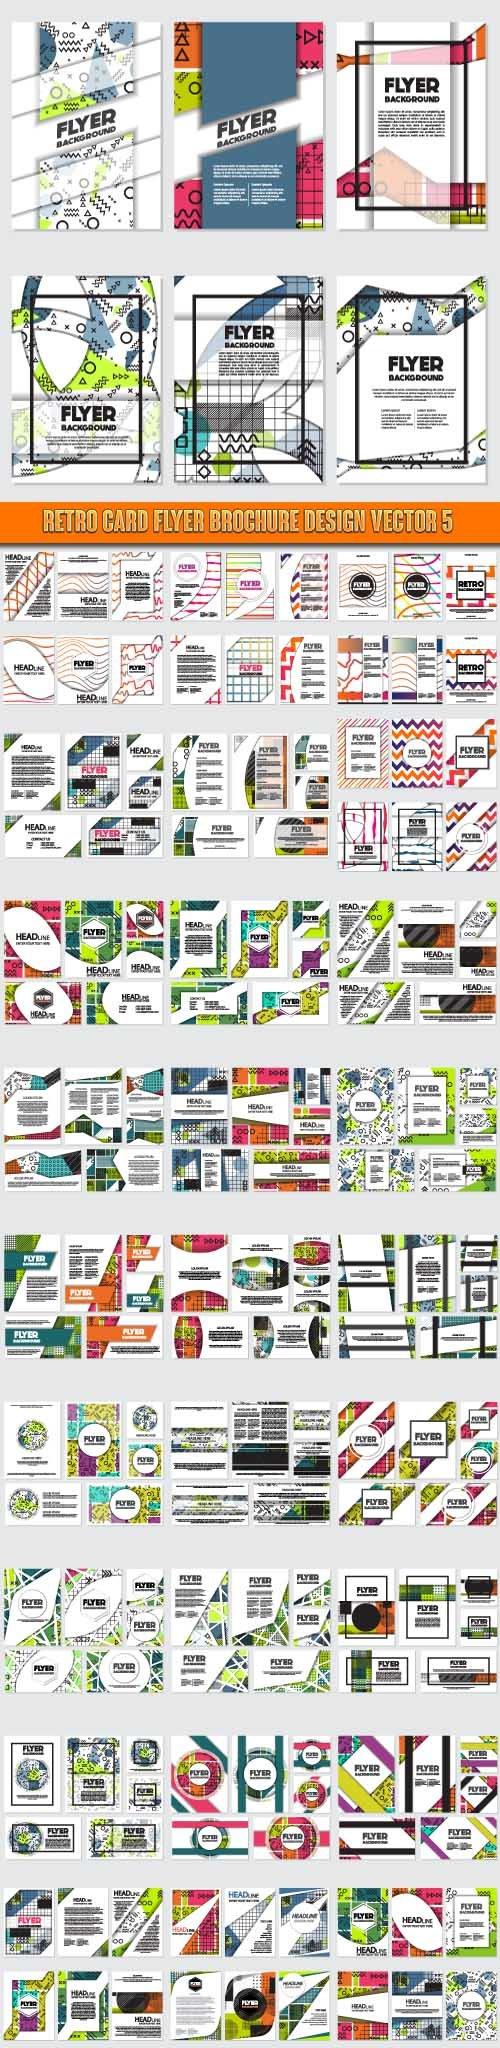 Retro card flyer brochure design vector 5